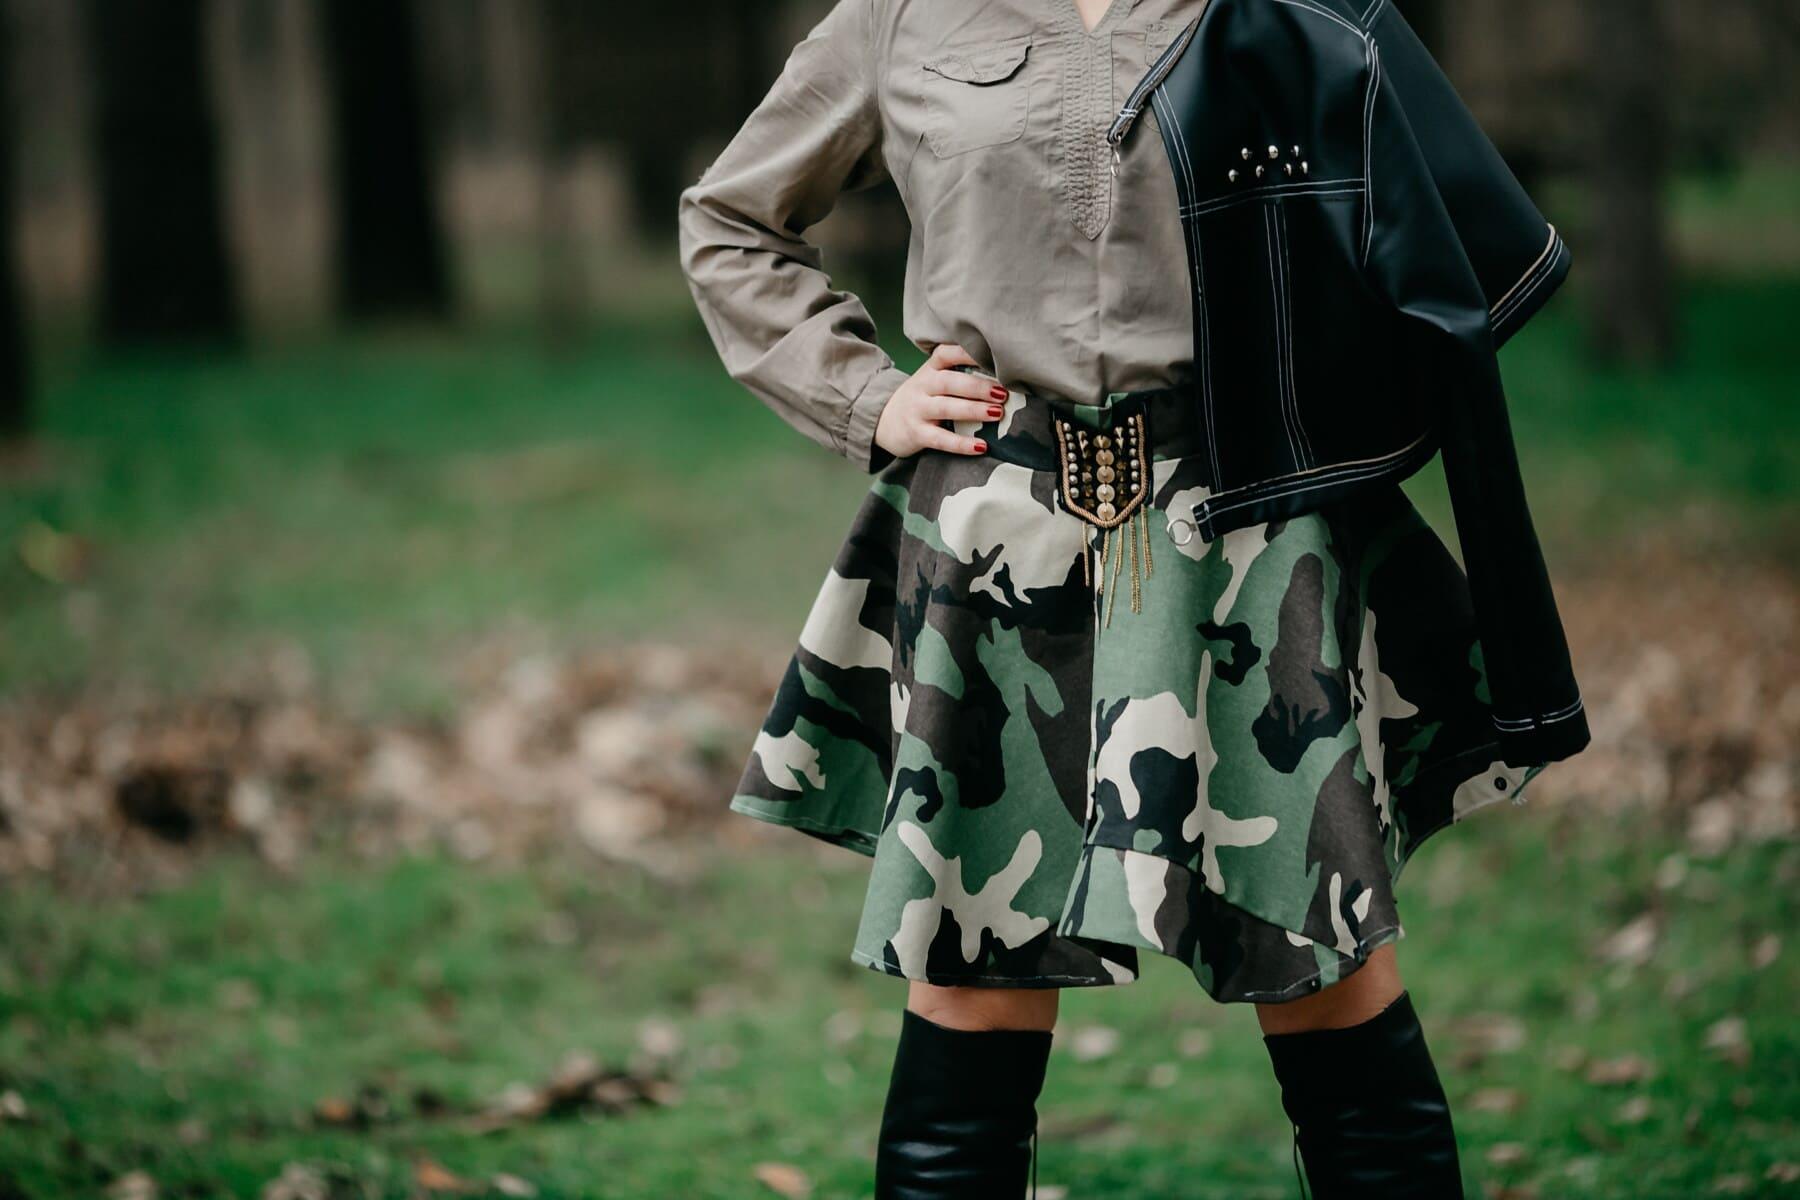 militaire, mode, jeune femme, veste, noir, bottes, en cuir, debout, posant, jeune fille